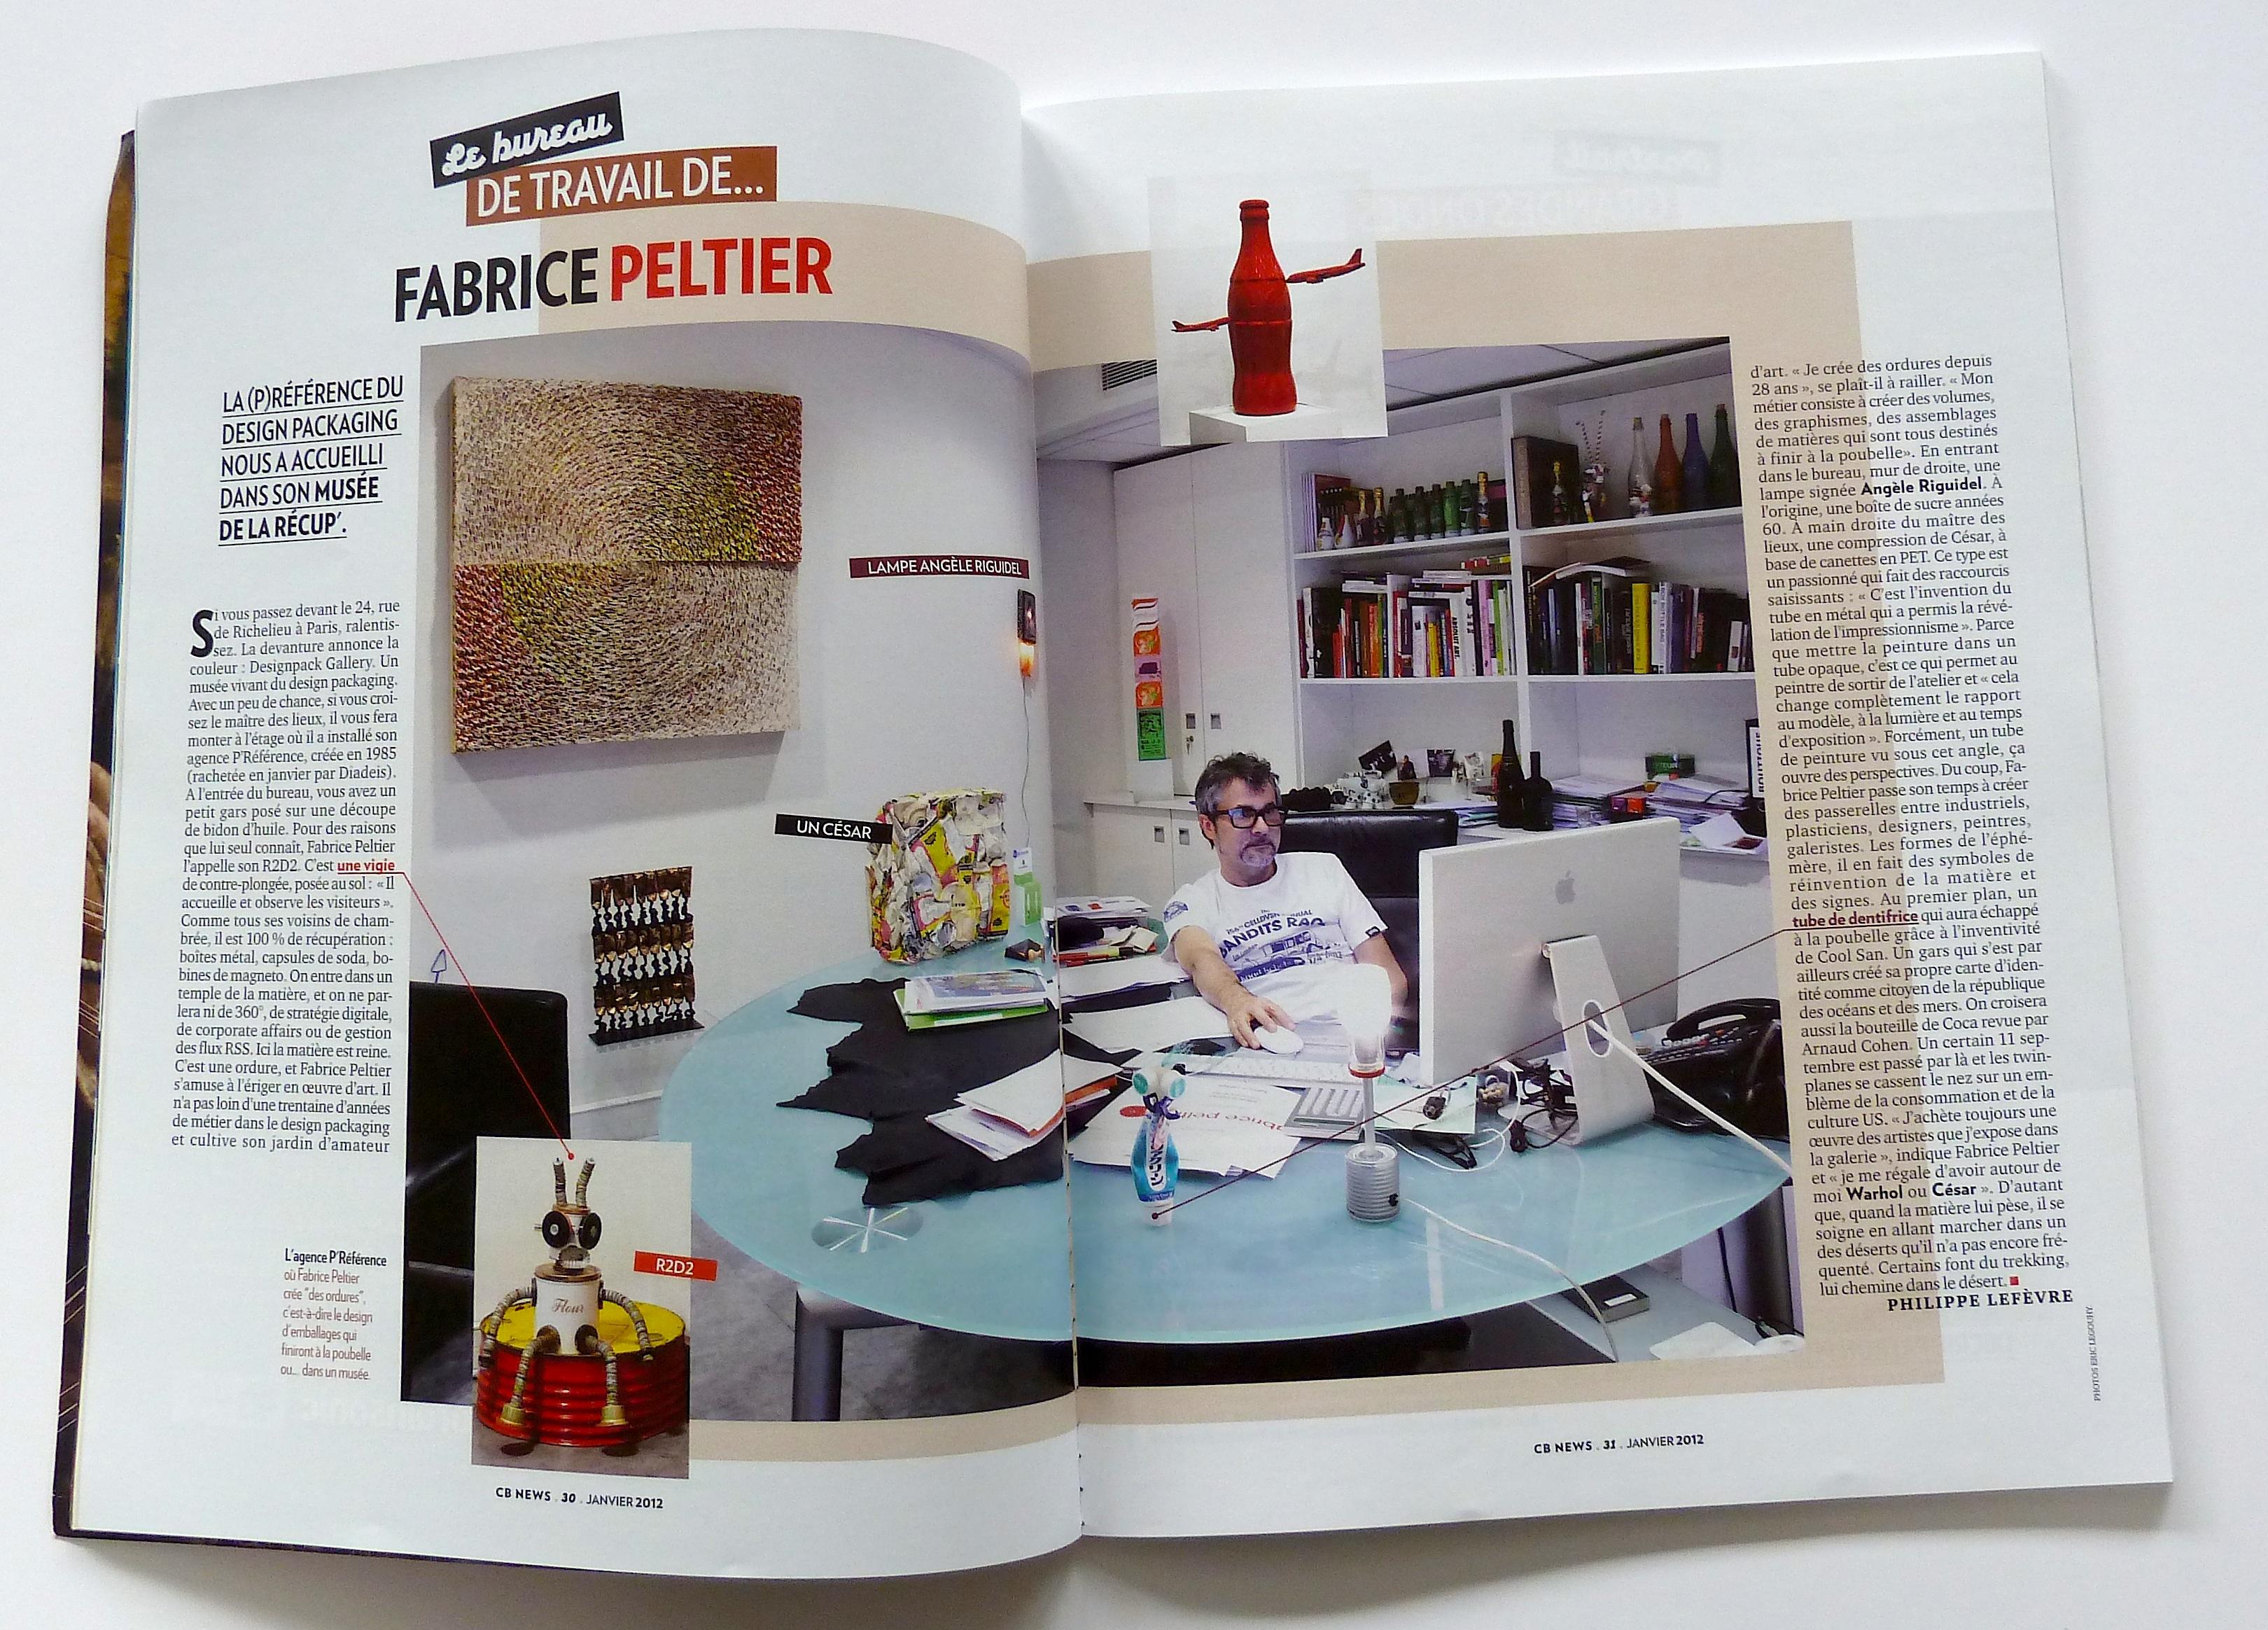 Design Fabrice Peltier